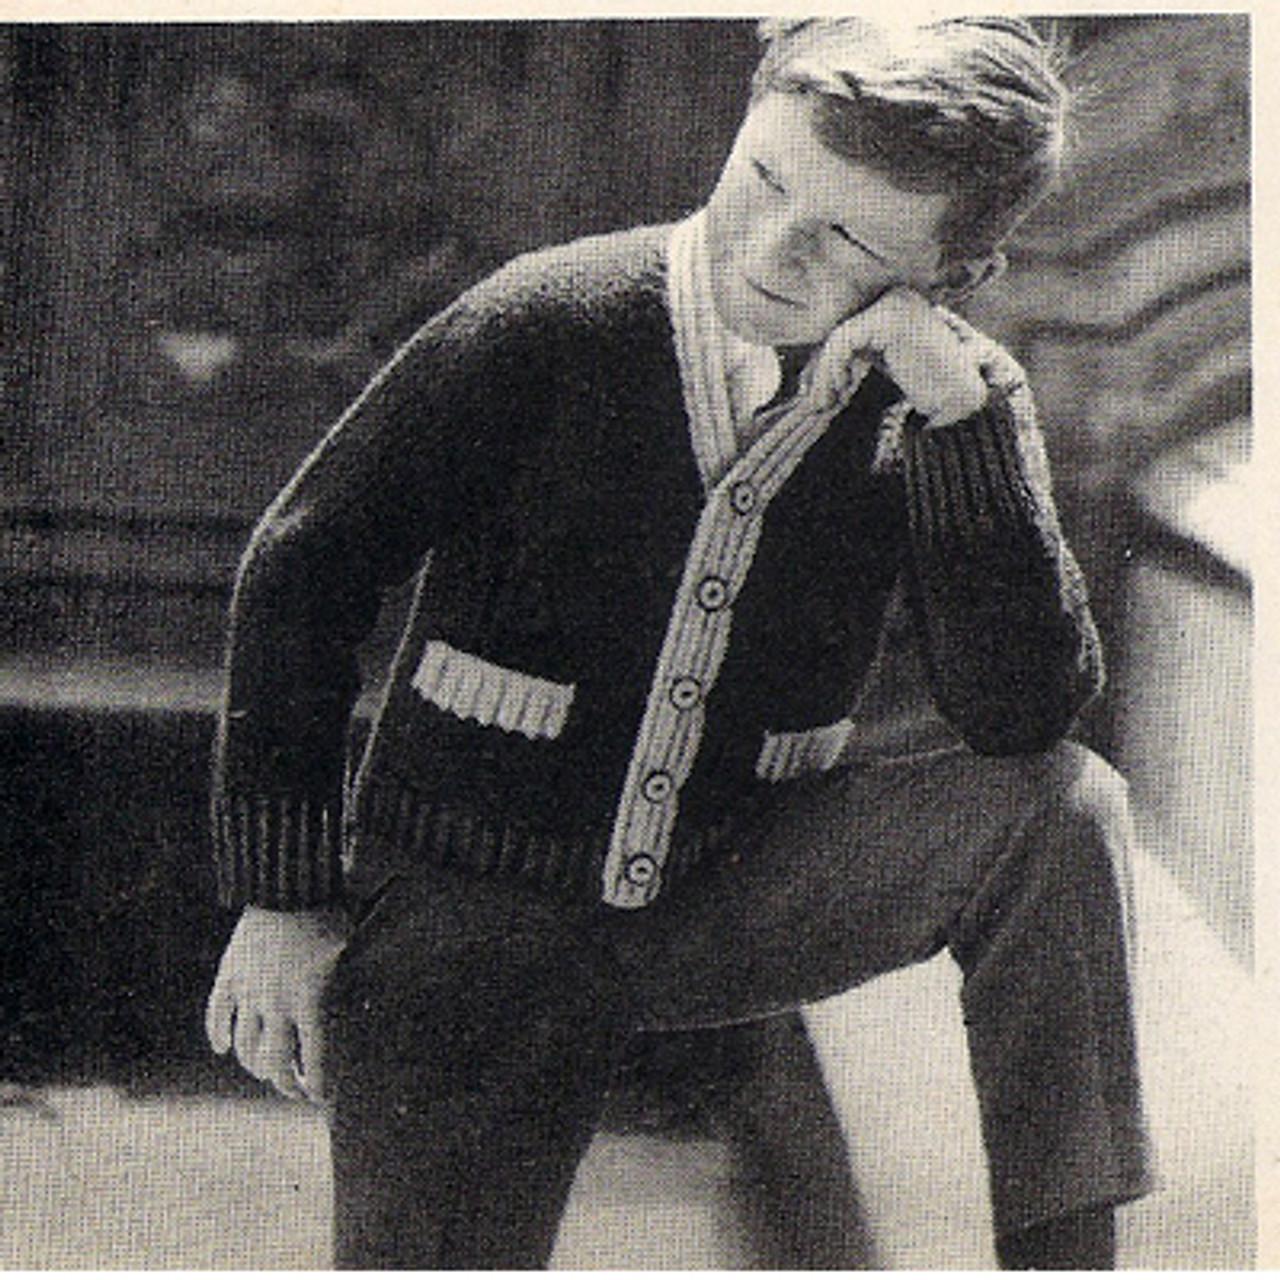 Boys Varsity Vintage Knit Cardigan Pattern